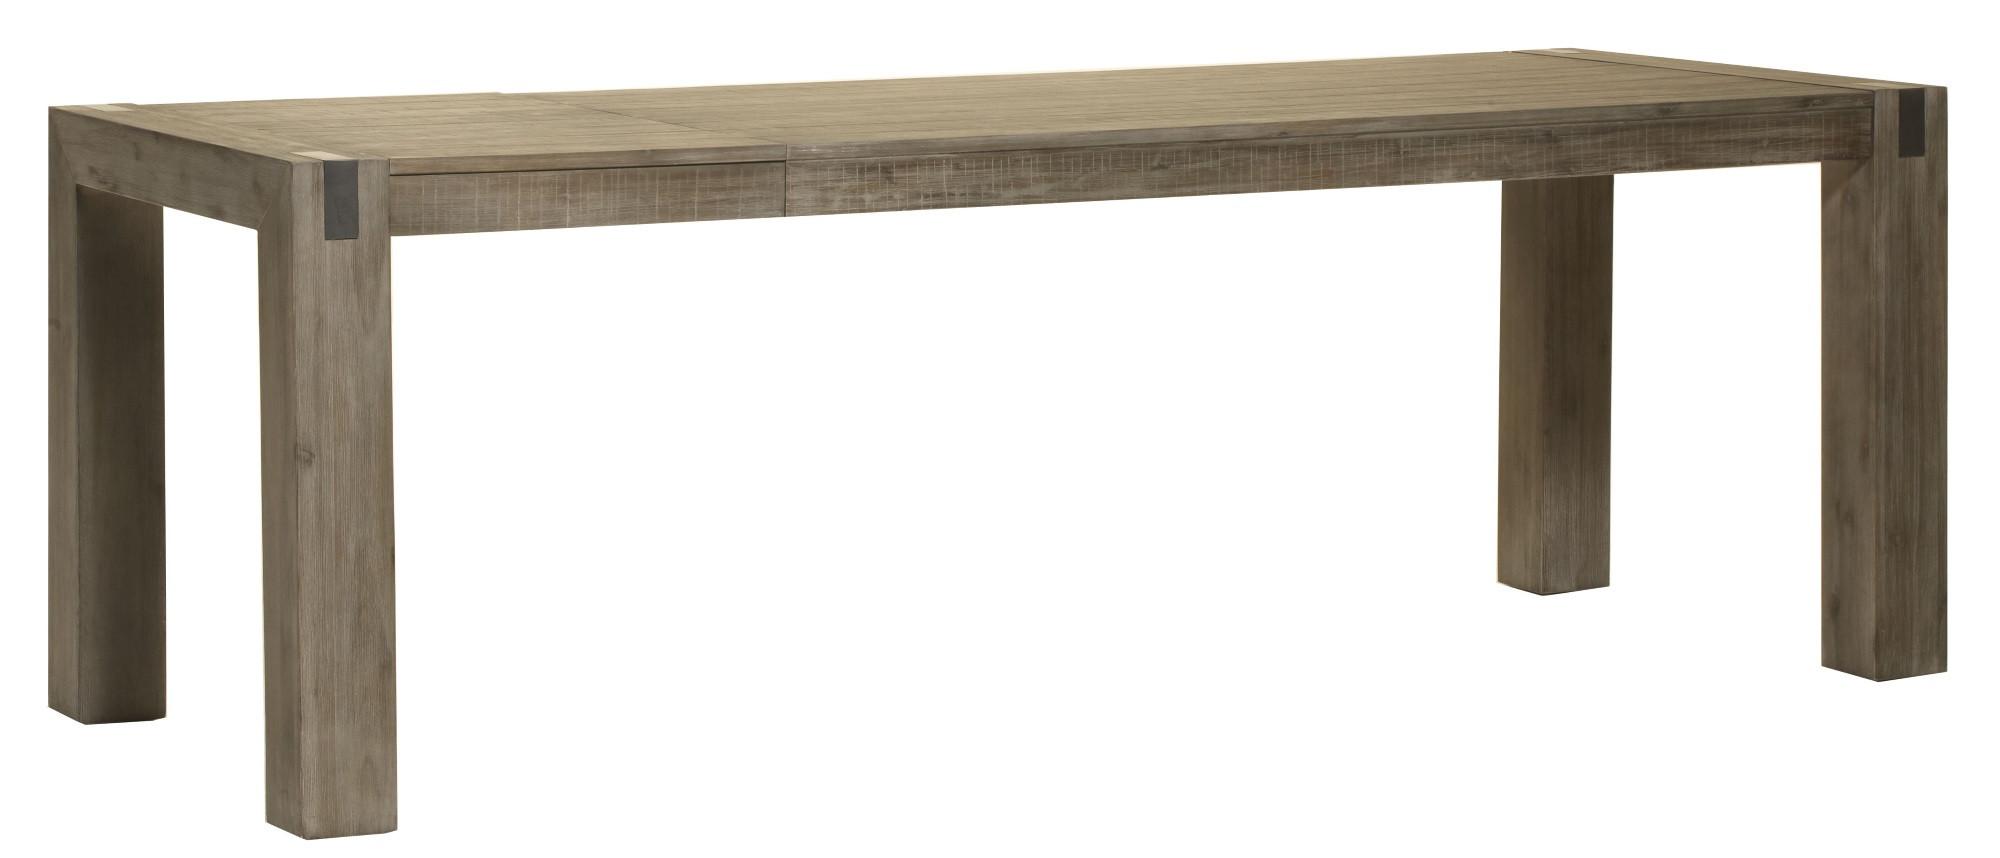 Table de salle à manger contemporaine extensible bois massif gris brumeux Kalija